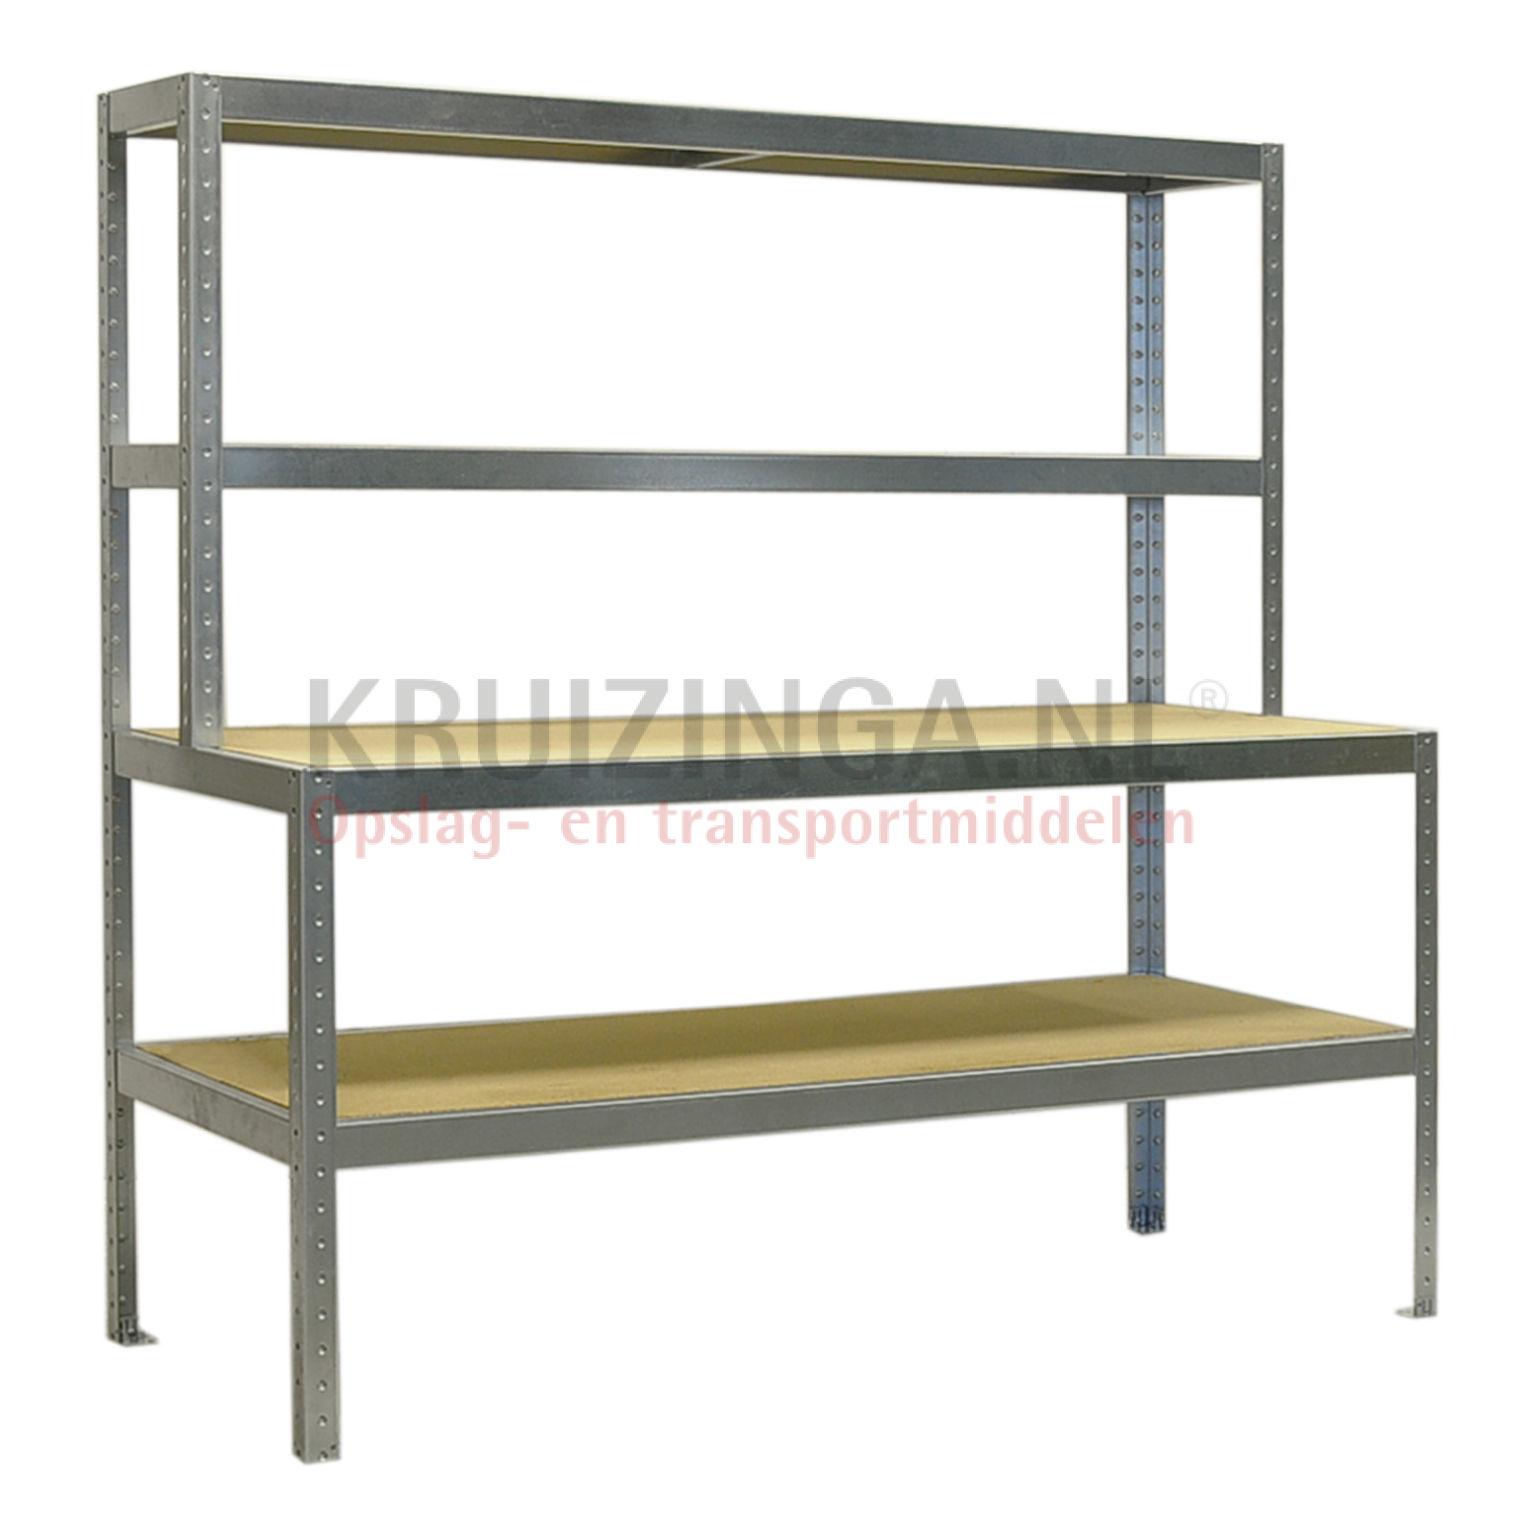 arbeitstisch packtisch mit aufbau 407 25 frei haus. Black Bedroom Furniture Sets. Home Design Ideas